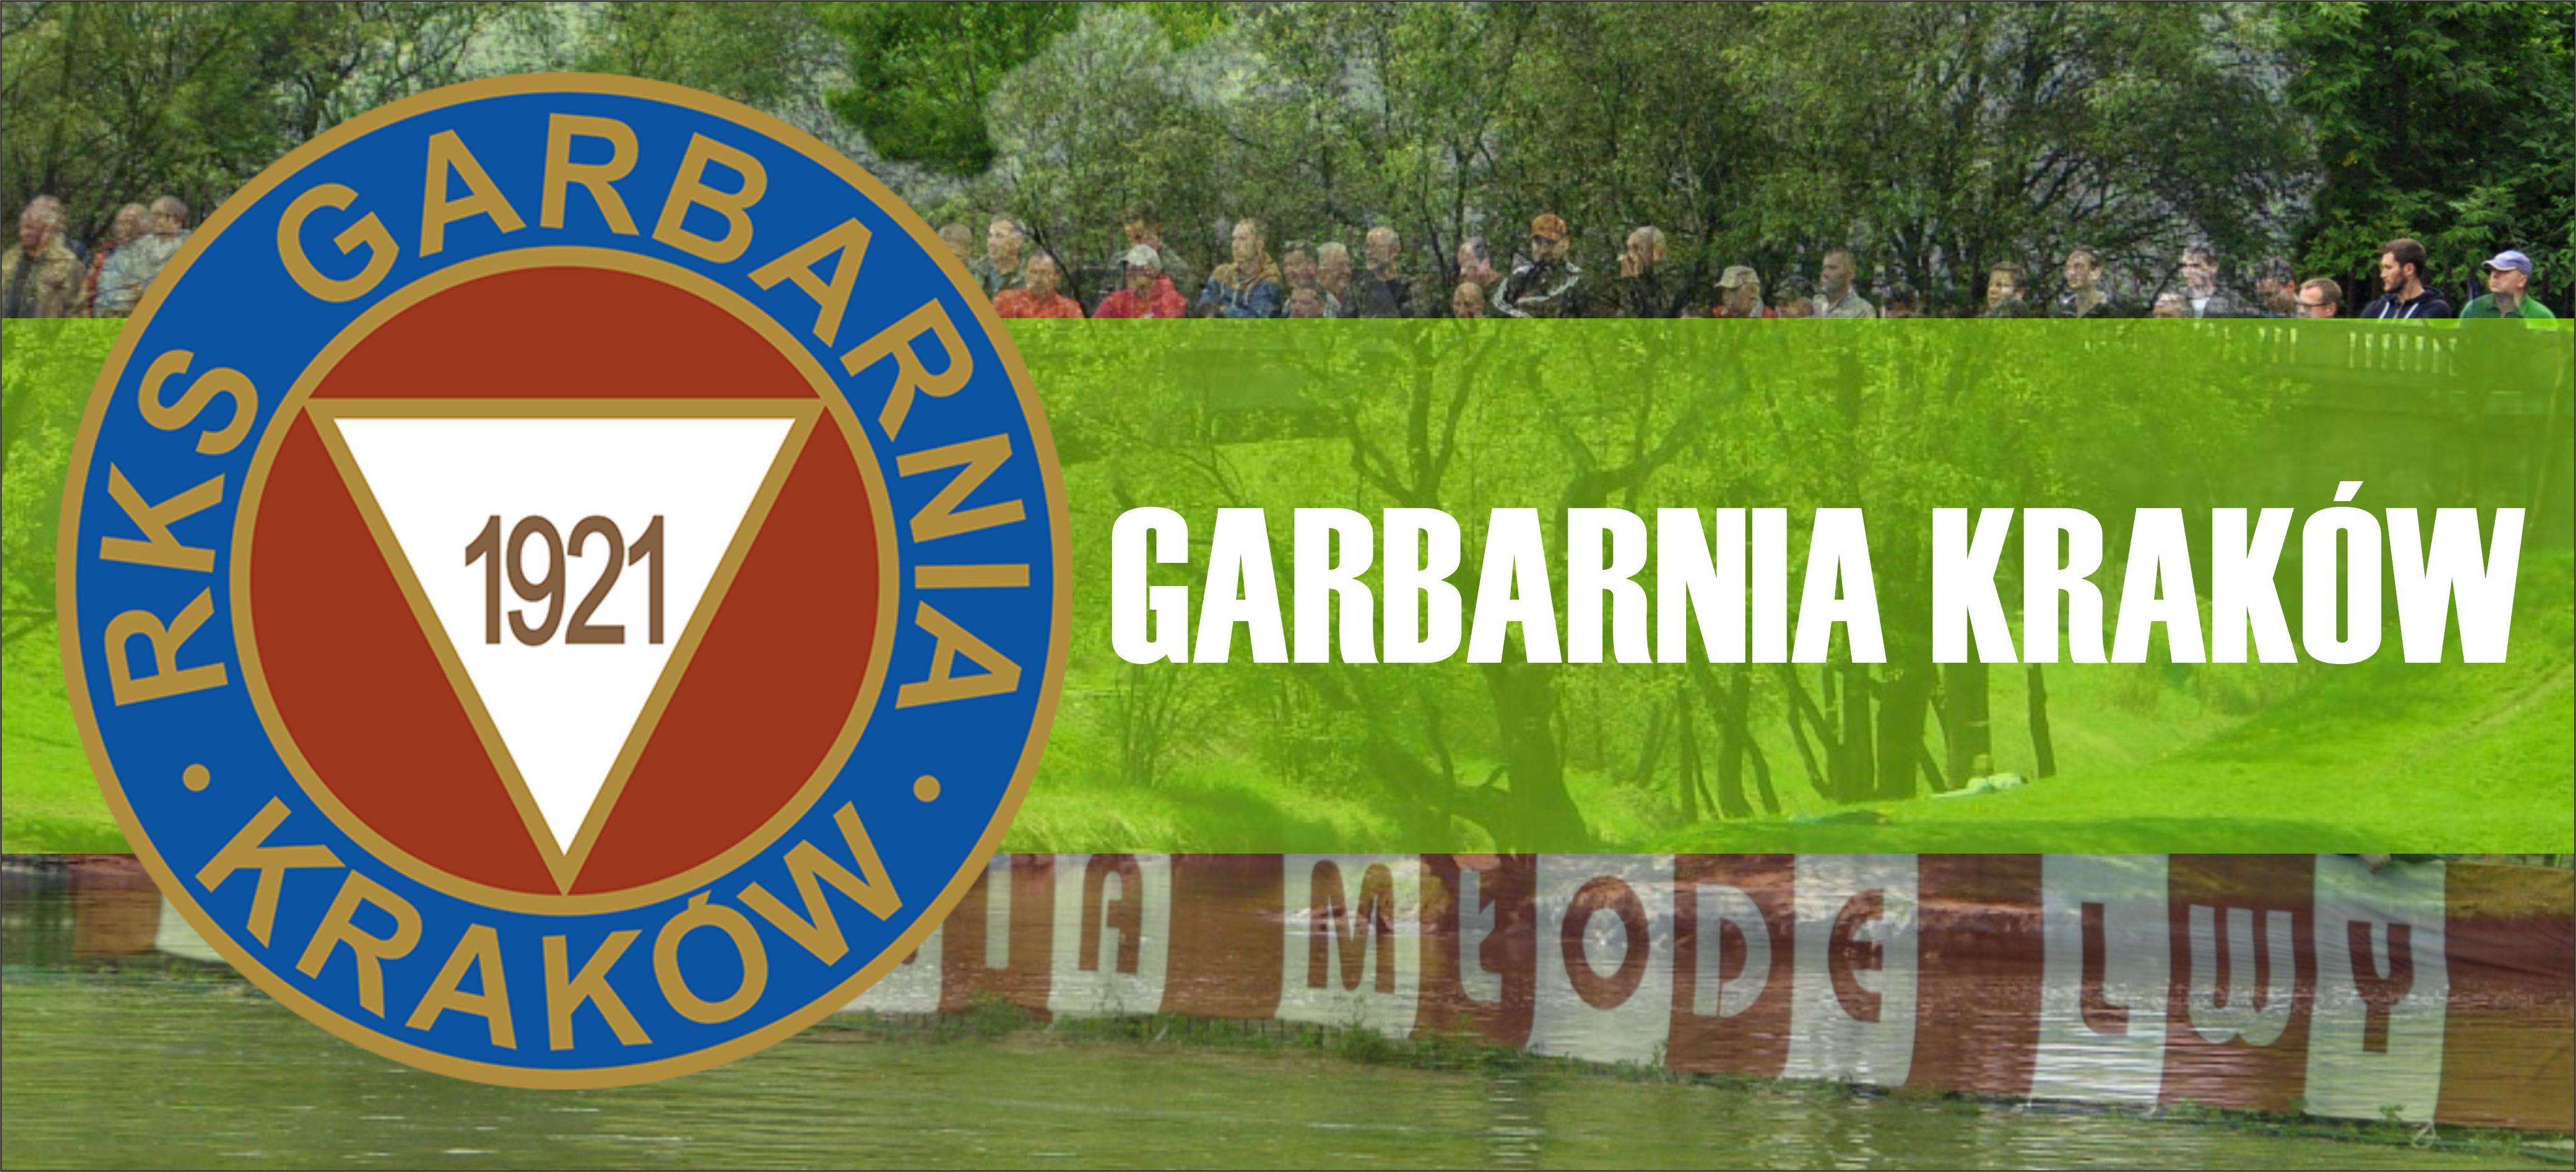 Garbarnia Kraków walczy o utrzymanie w I lidze